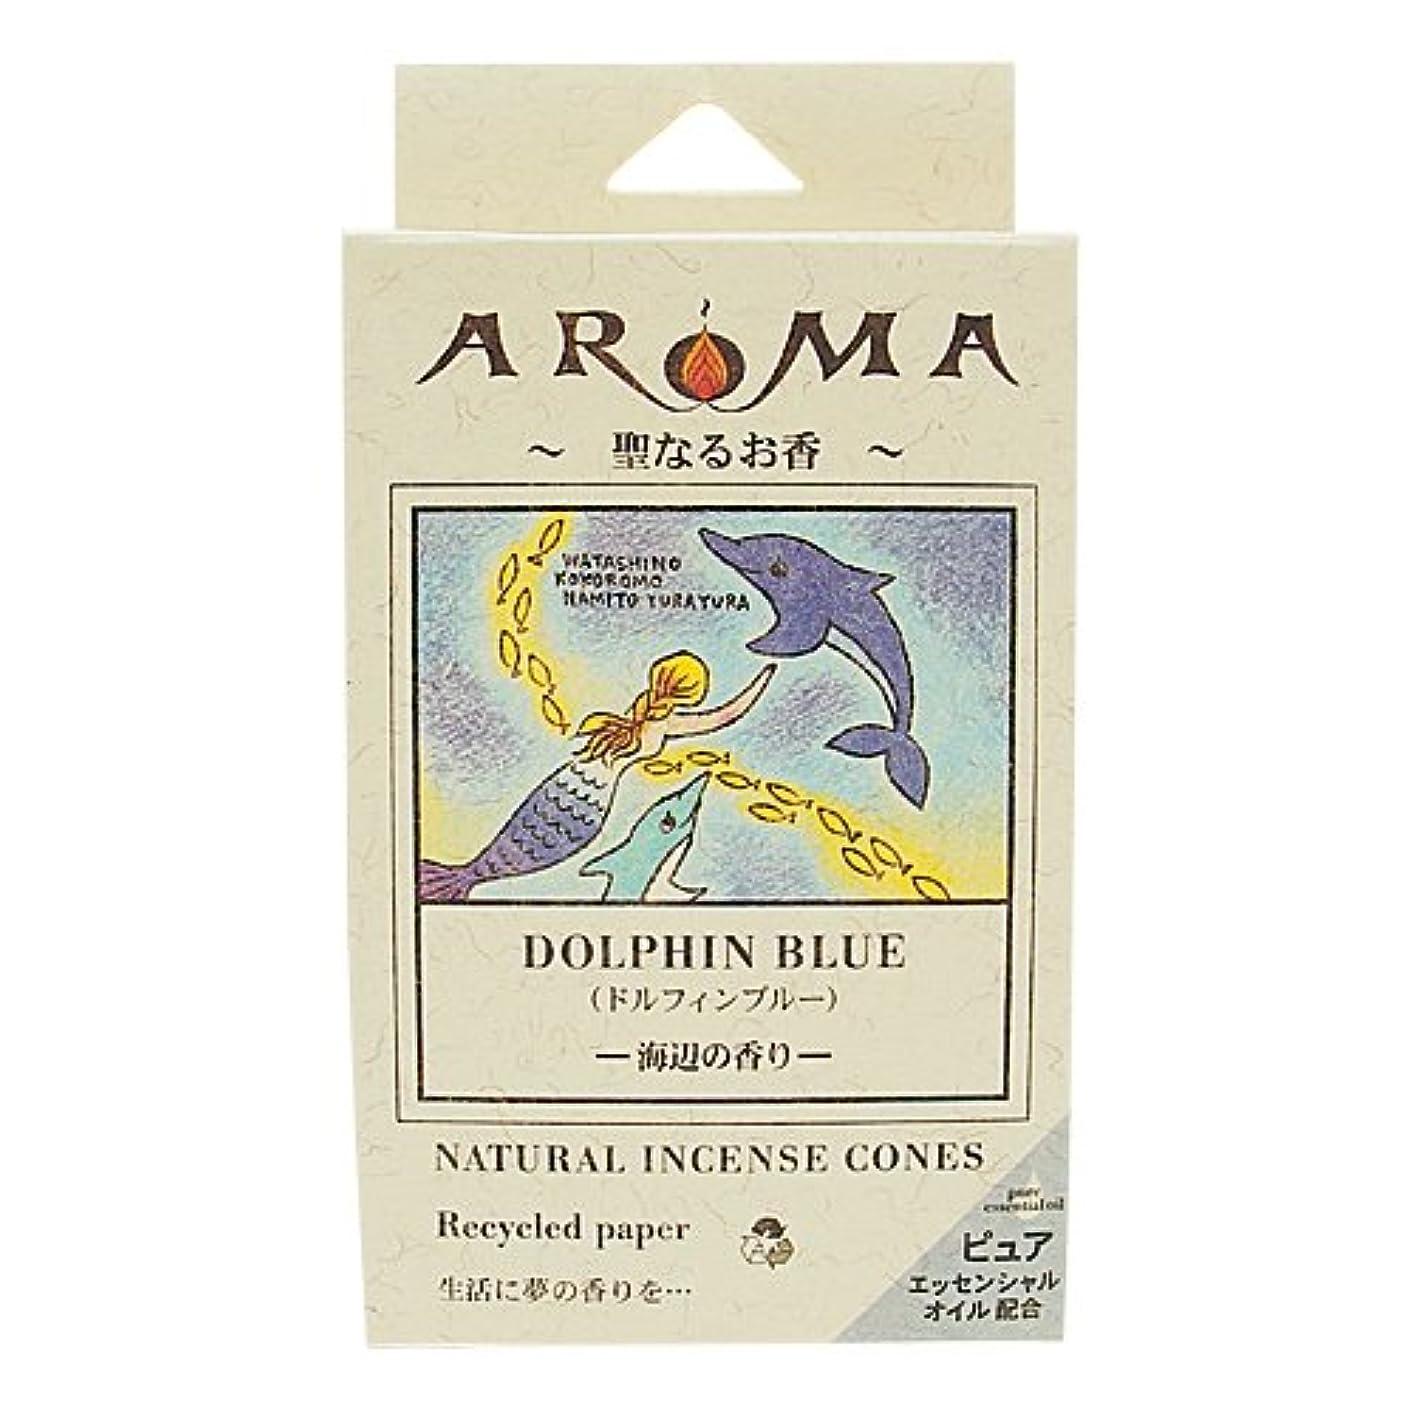 勉強する暗くする利得アロマ香 ドルフィンブルー 16粒(コーンタイプインセンス 1粒の燃焼時間約20分 海辺の香り)